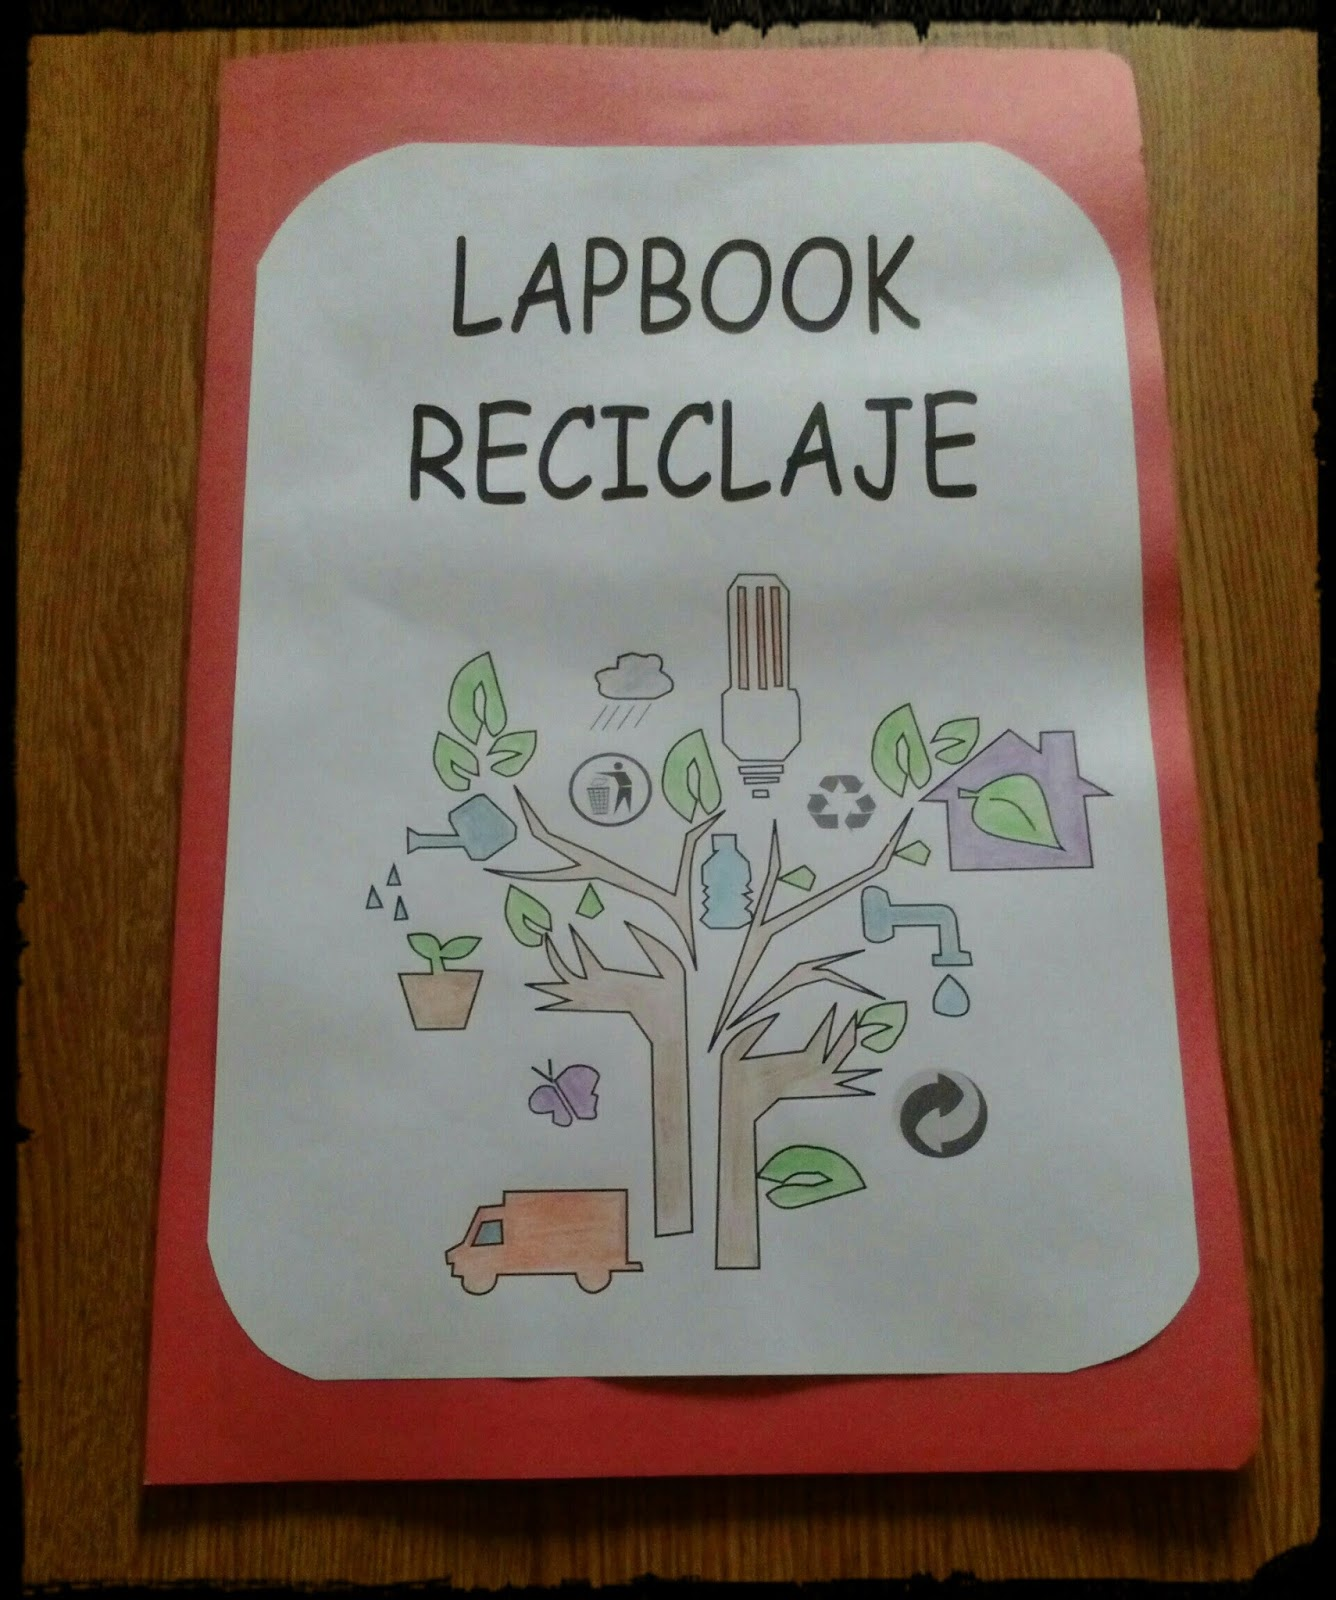 Lápices de colores y madera: Nuestro lapbook de reciclaje